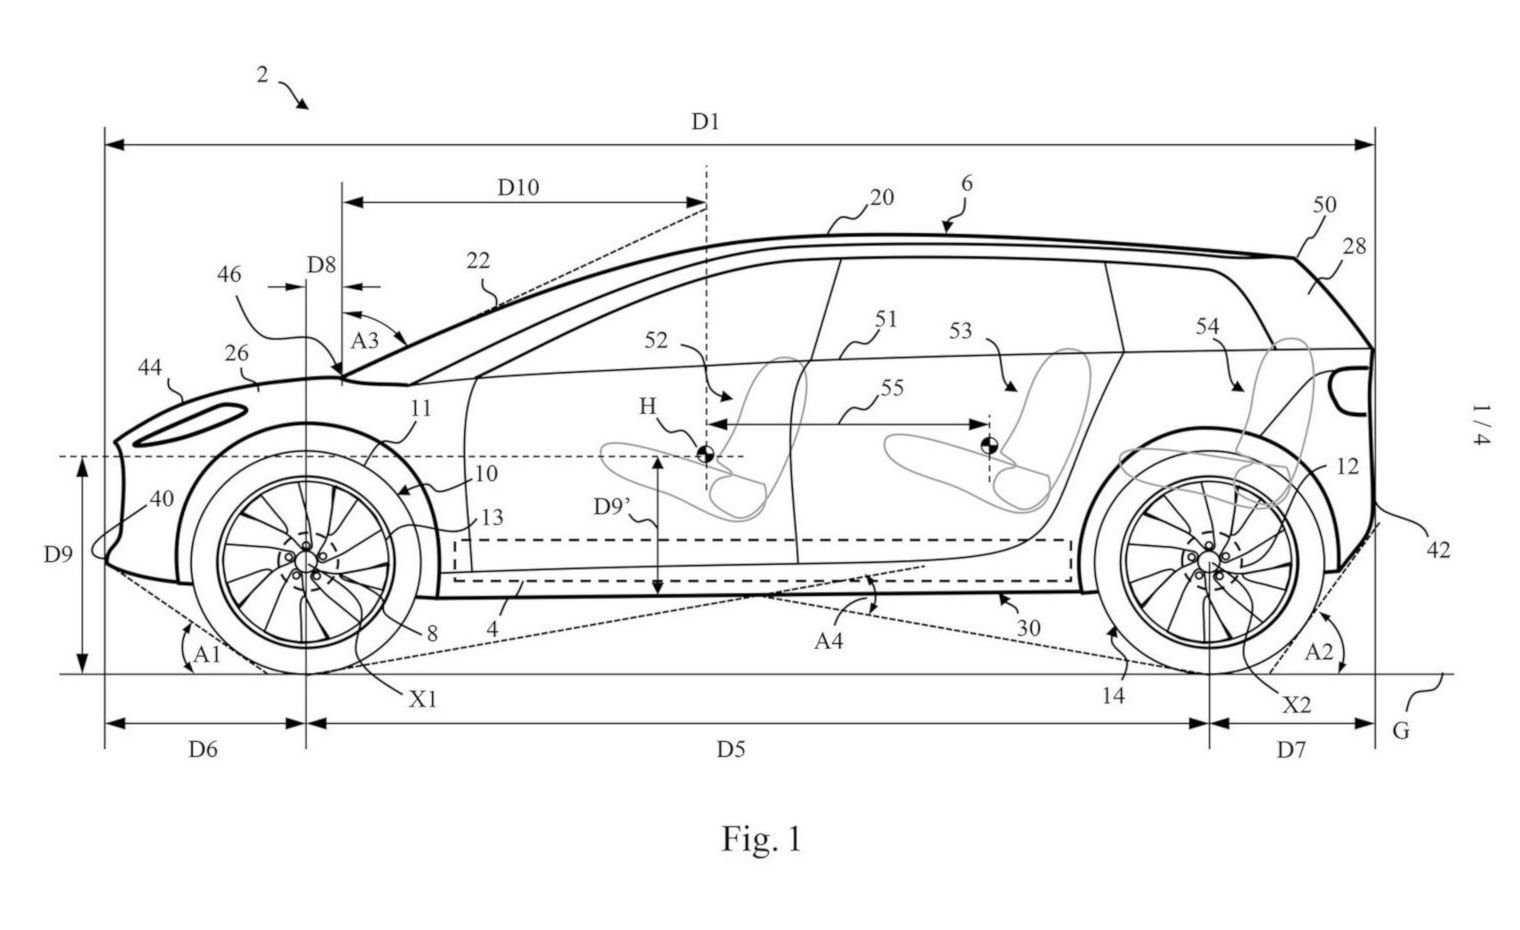 dyson stopt de ontwikkeling van hun eerste elektrische auto